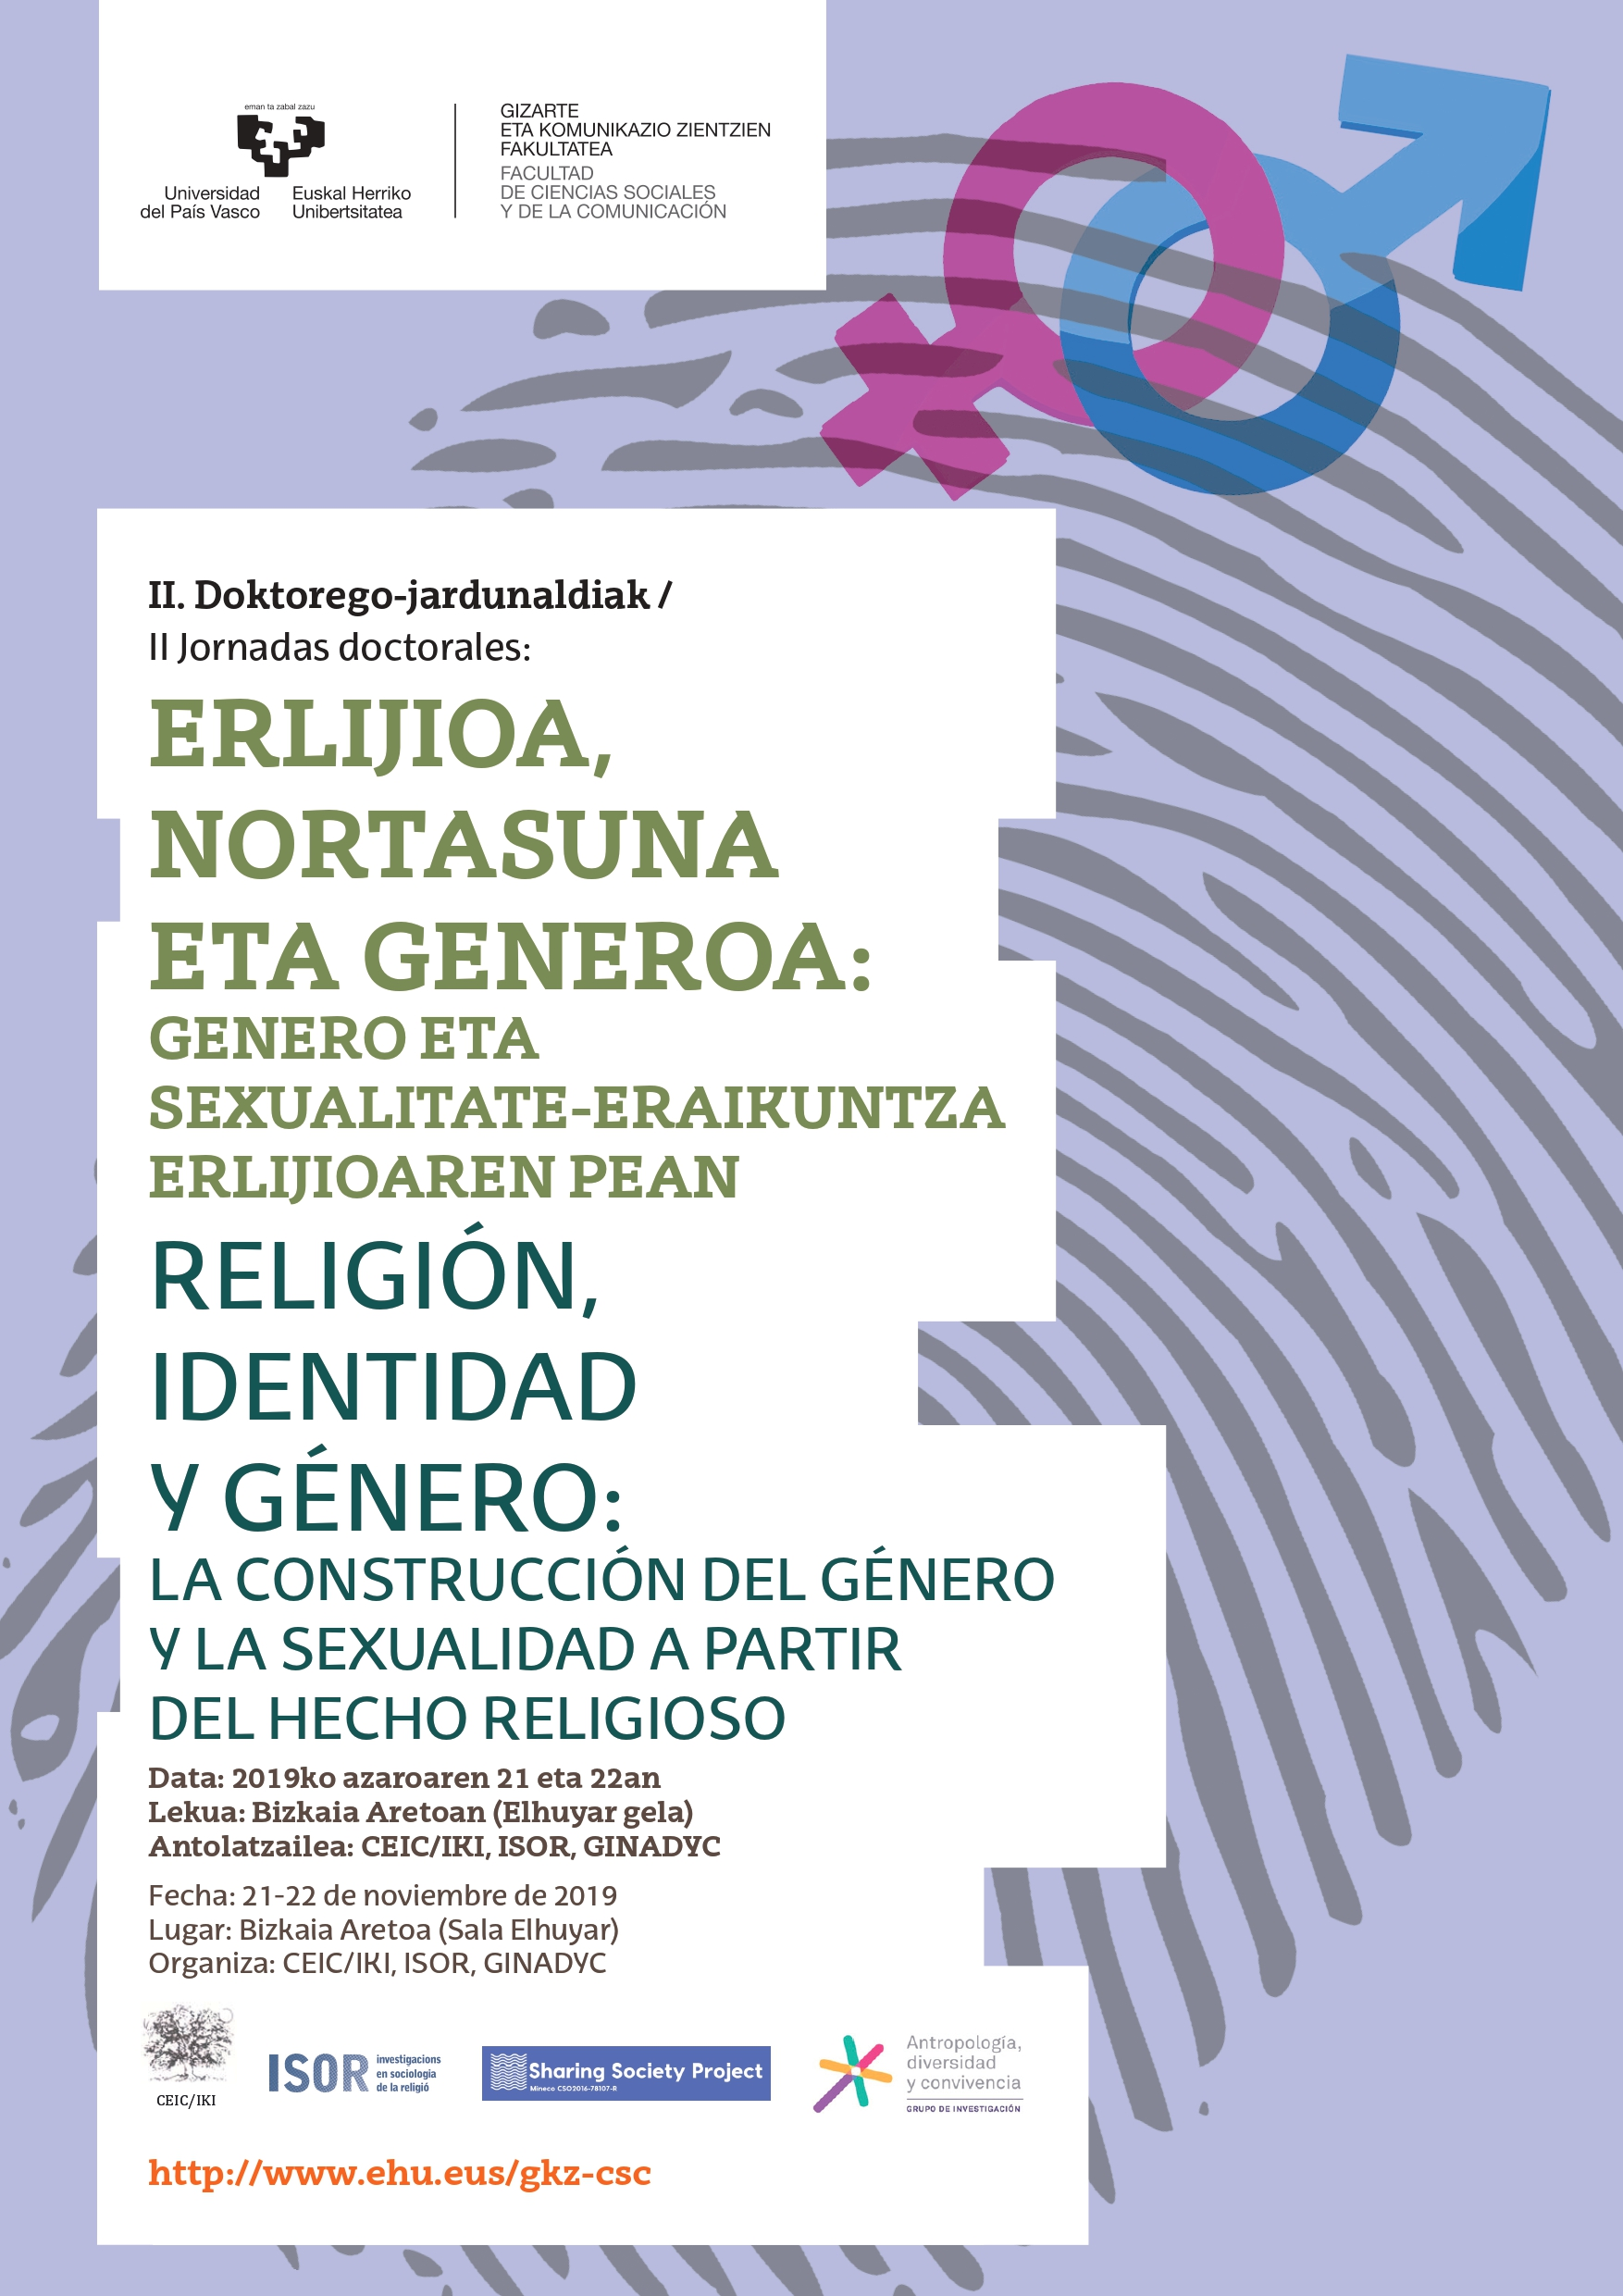 II Jornadas doctorales. Religión, identidad y género: la construcción del género a partir del hecho religioso